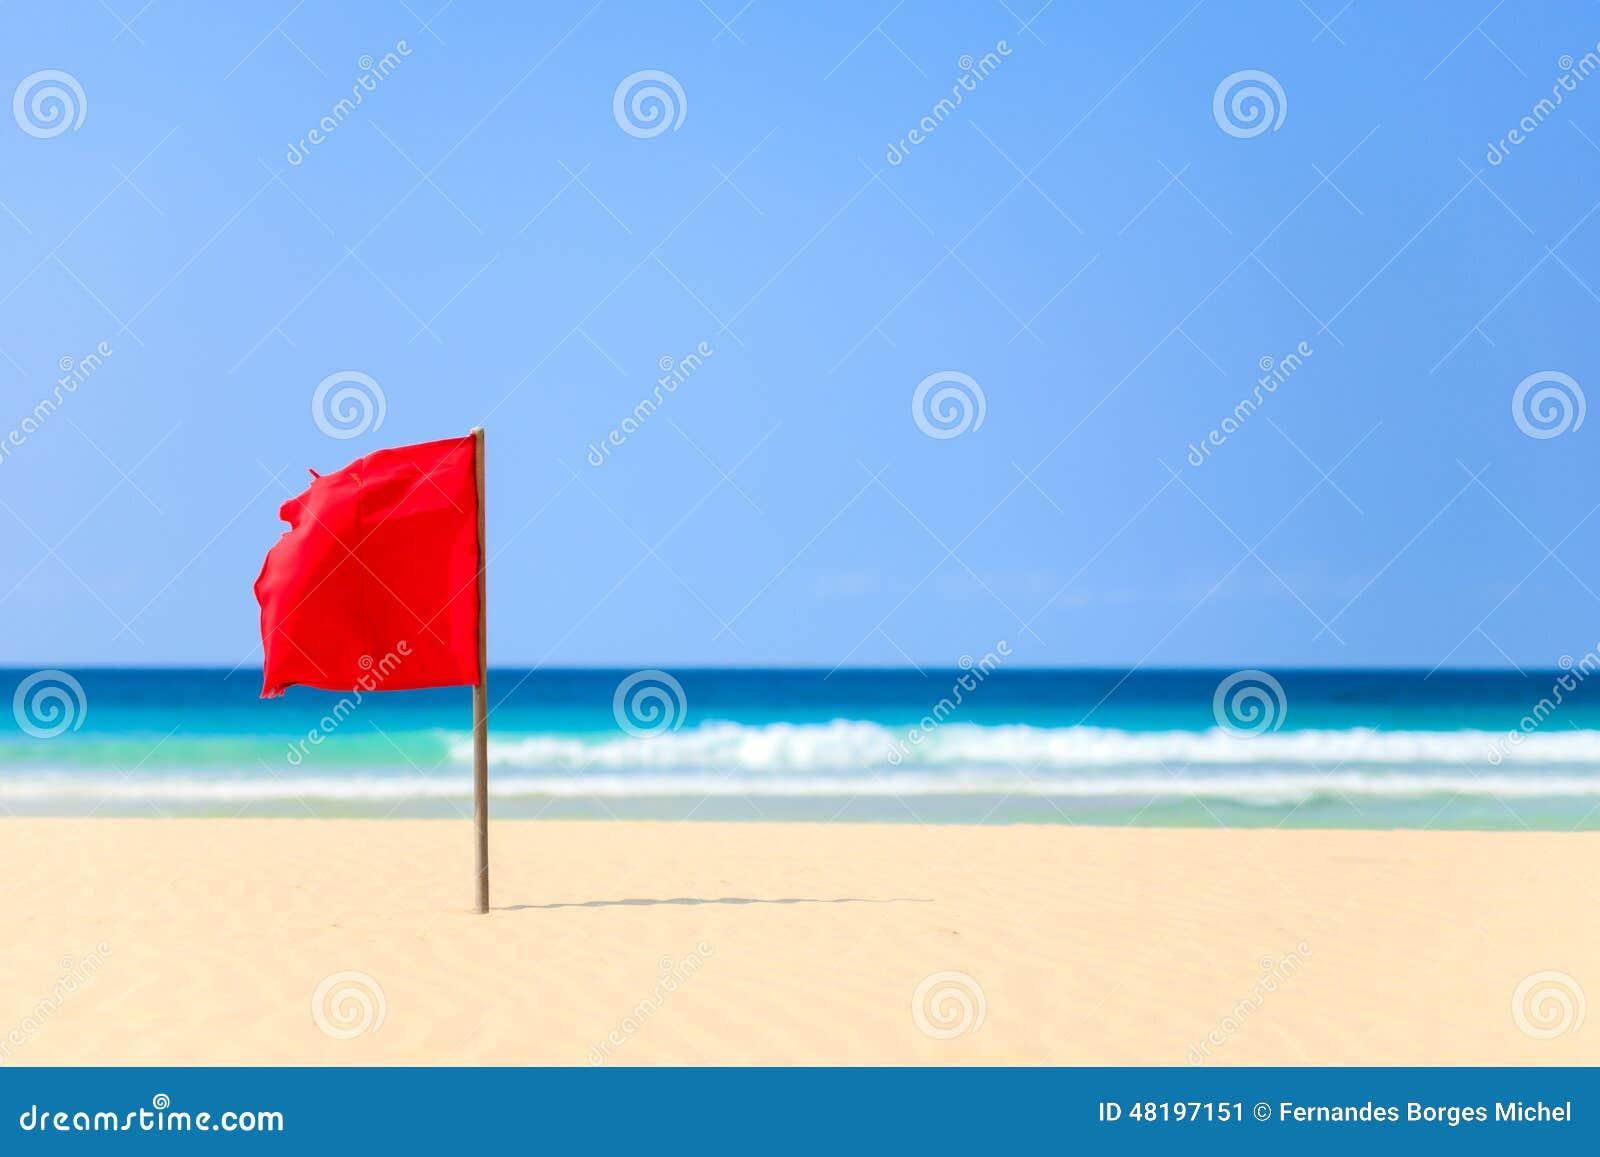 Bandera roja en la playa en Boavista, Cabo Verde - Cabo Verde